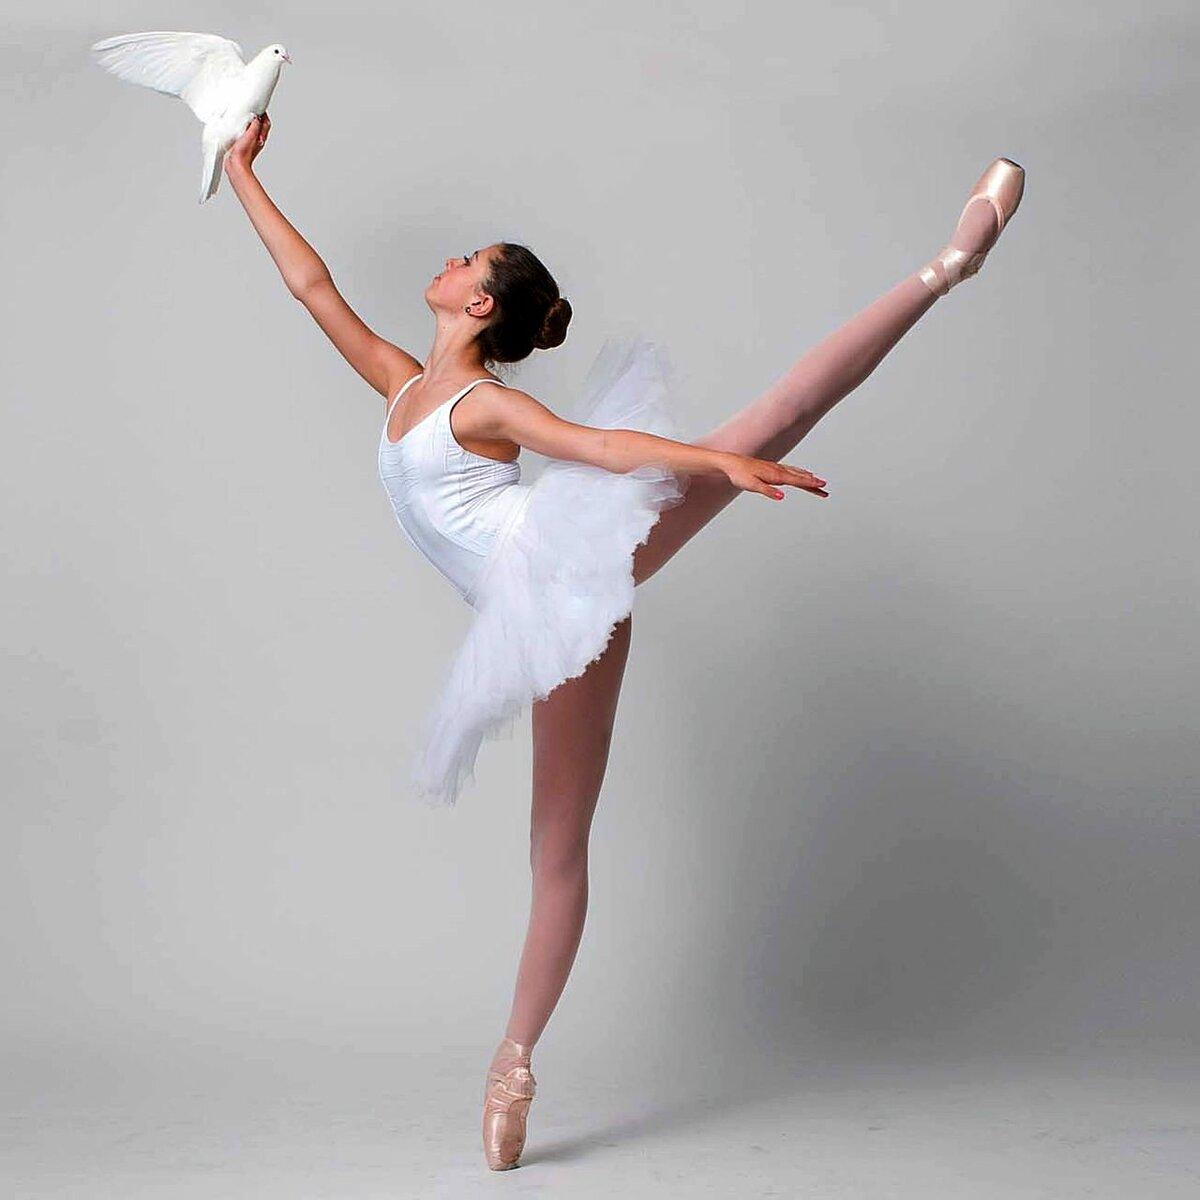 Картинки с балериной из балета, философским высказываниями